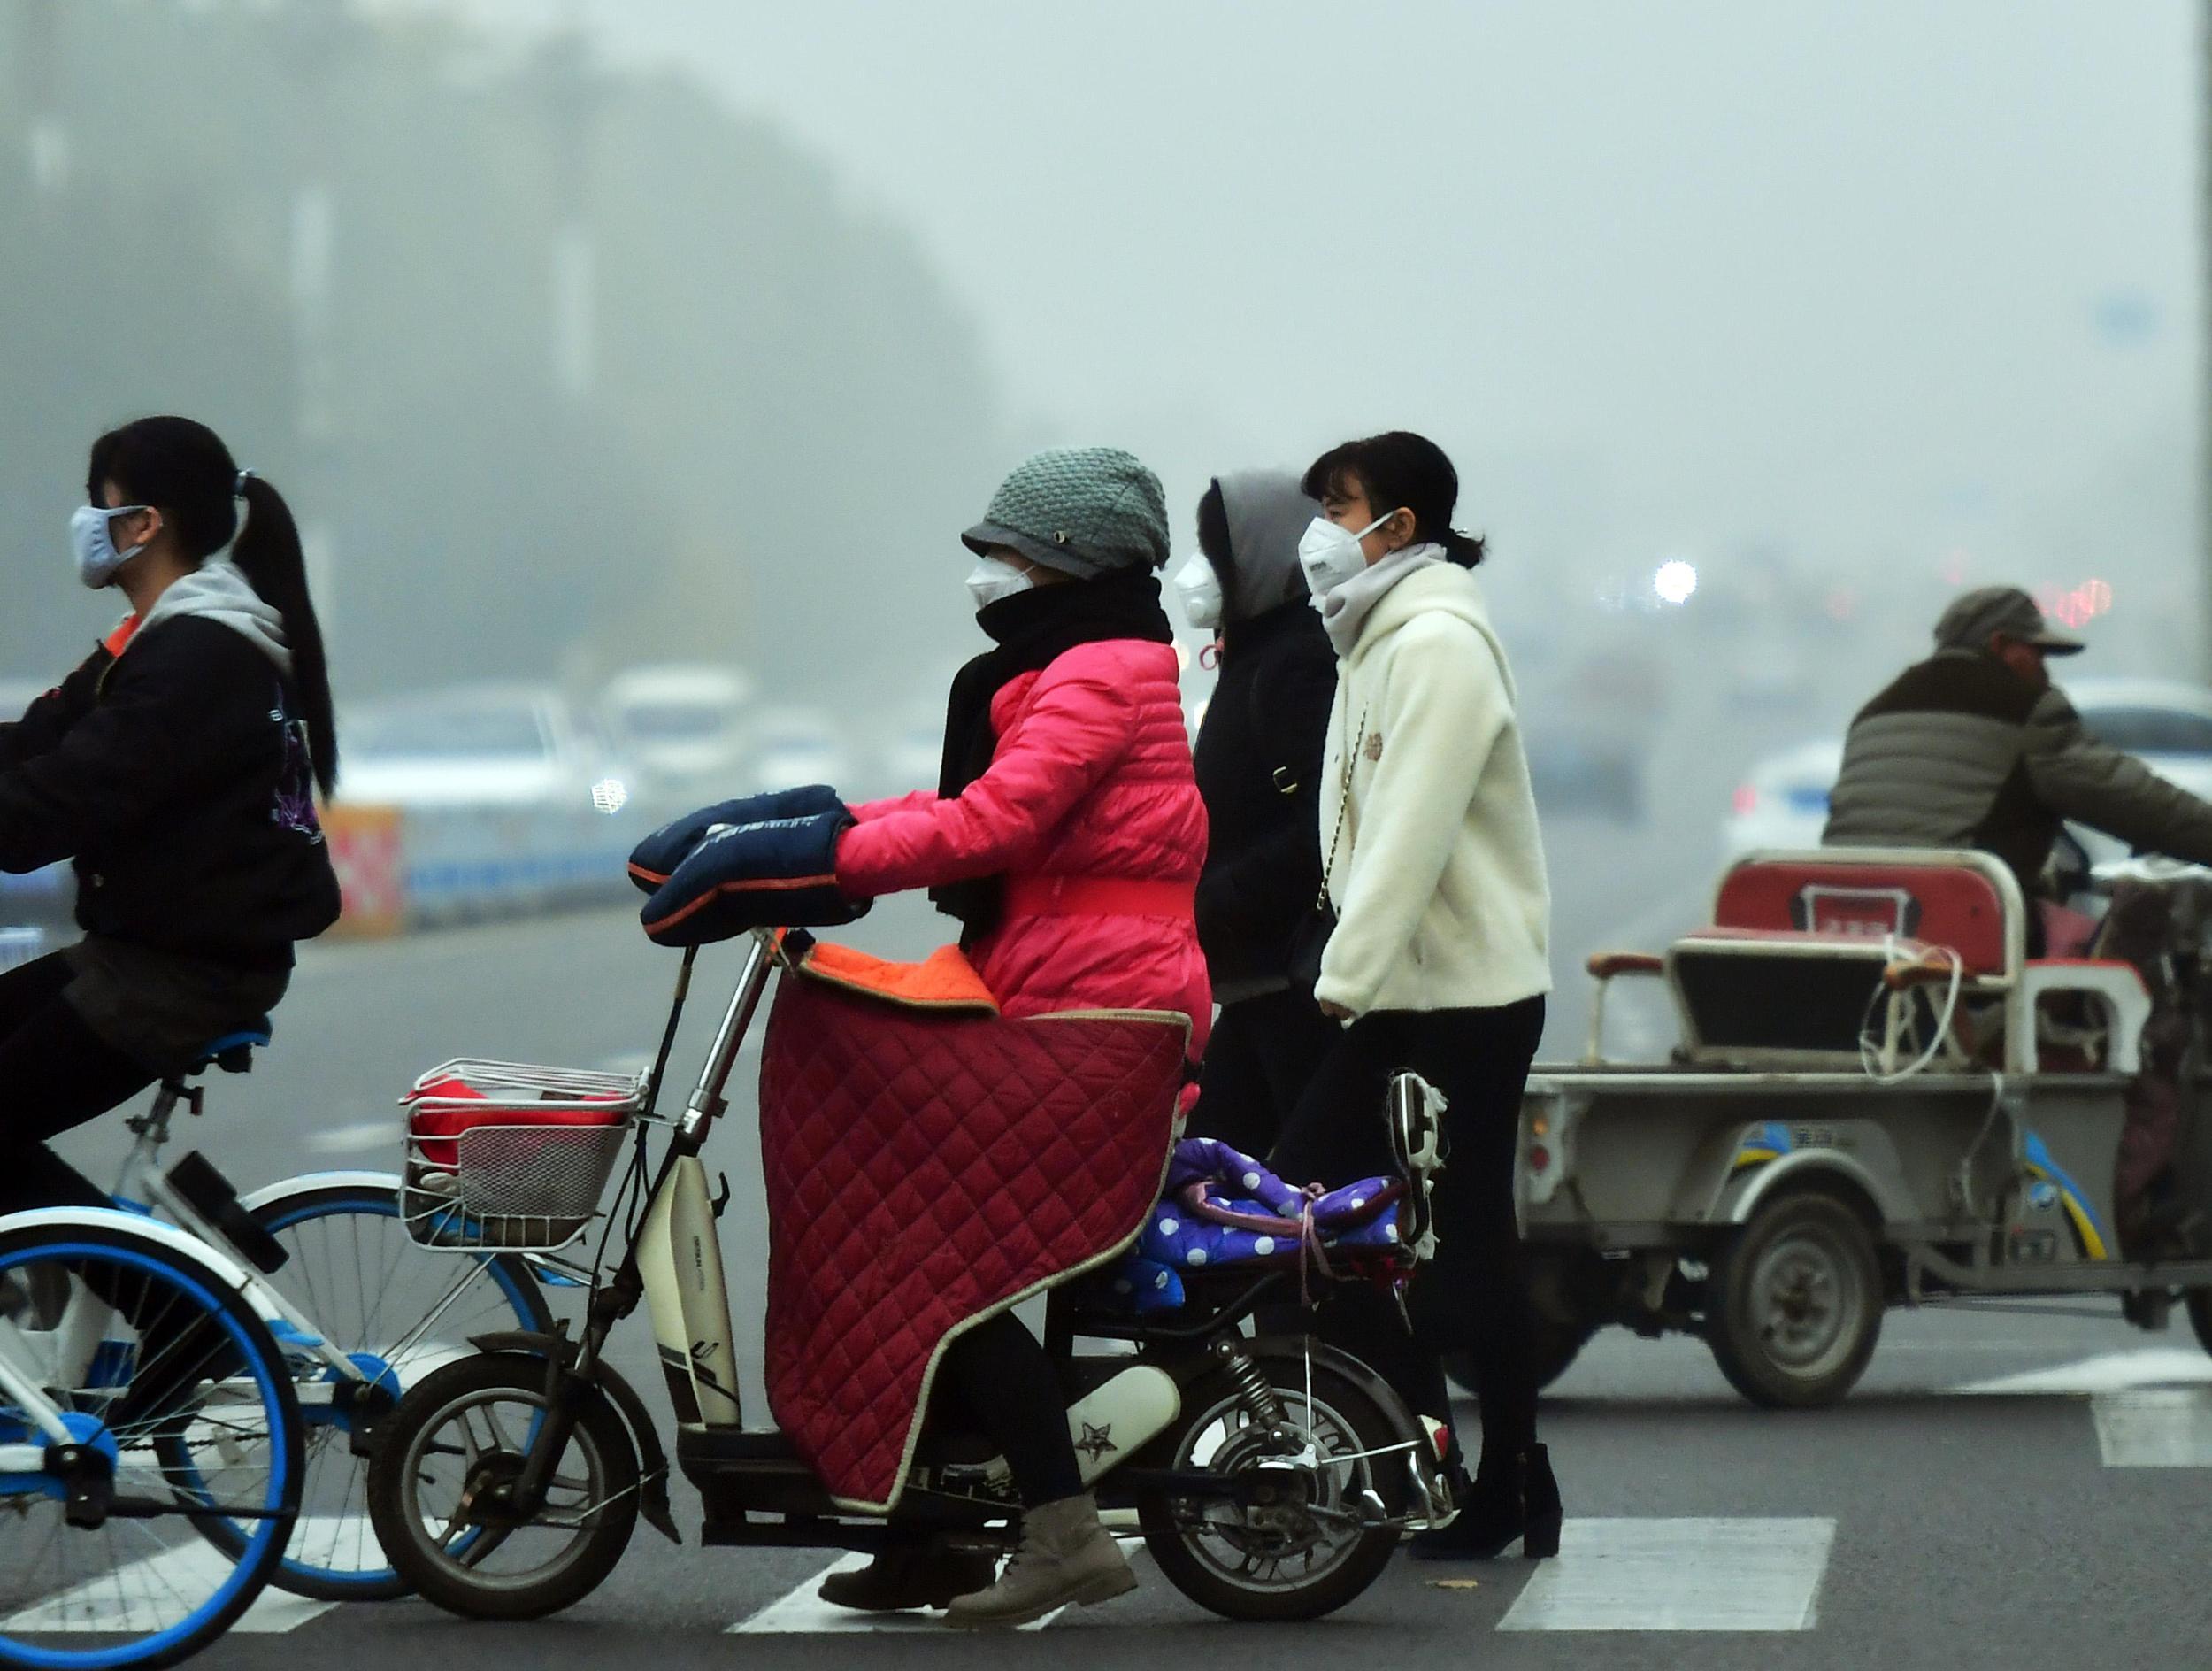 【长城评论】进入供暖季,京津冀该如何治霾?